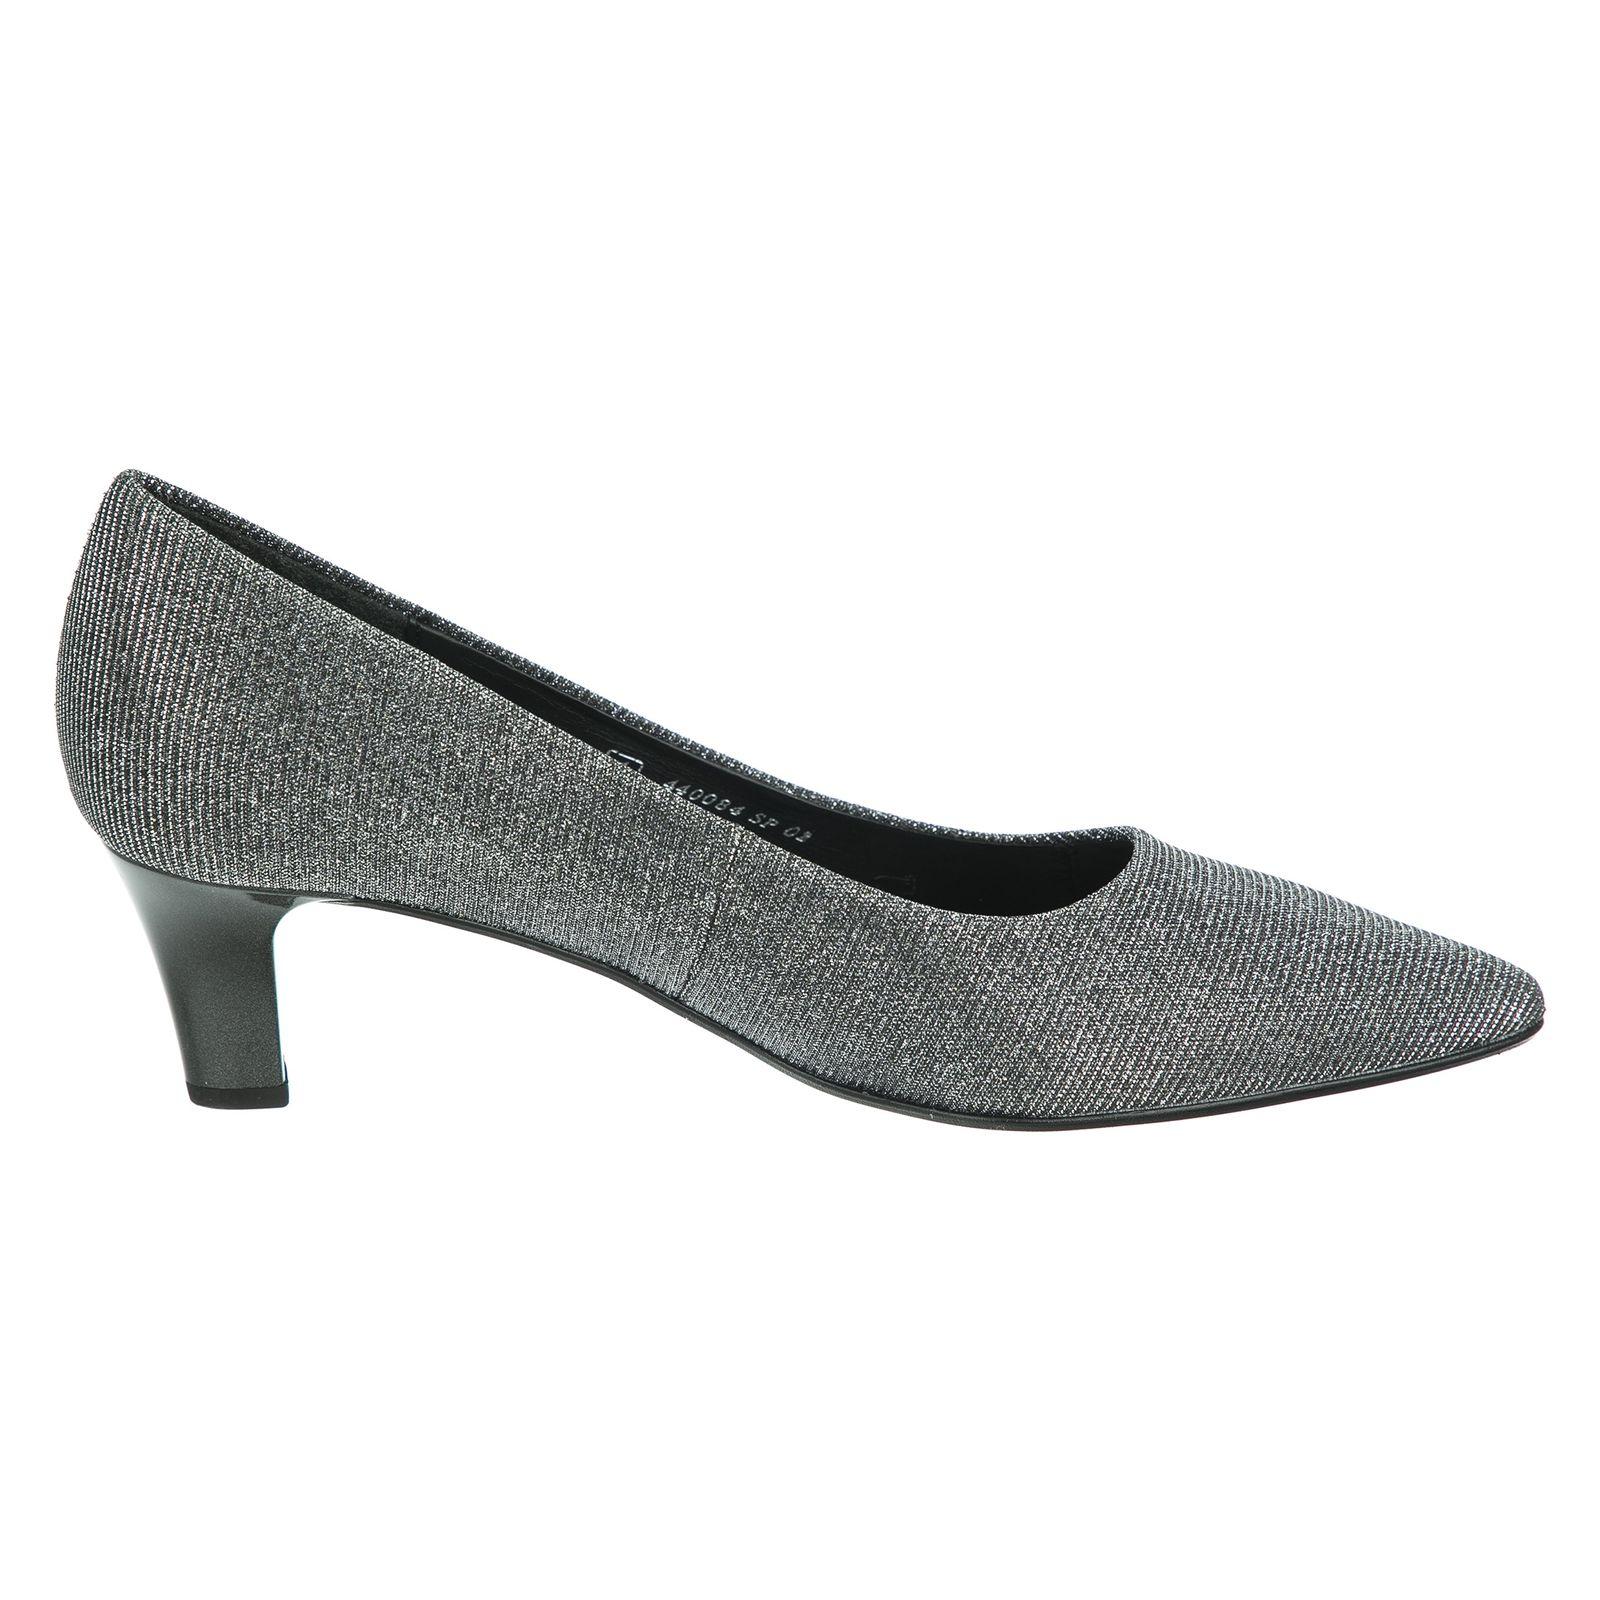 کفش زنانه گابور مدل 81.250.69 main 1 2